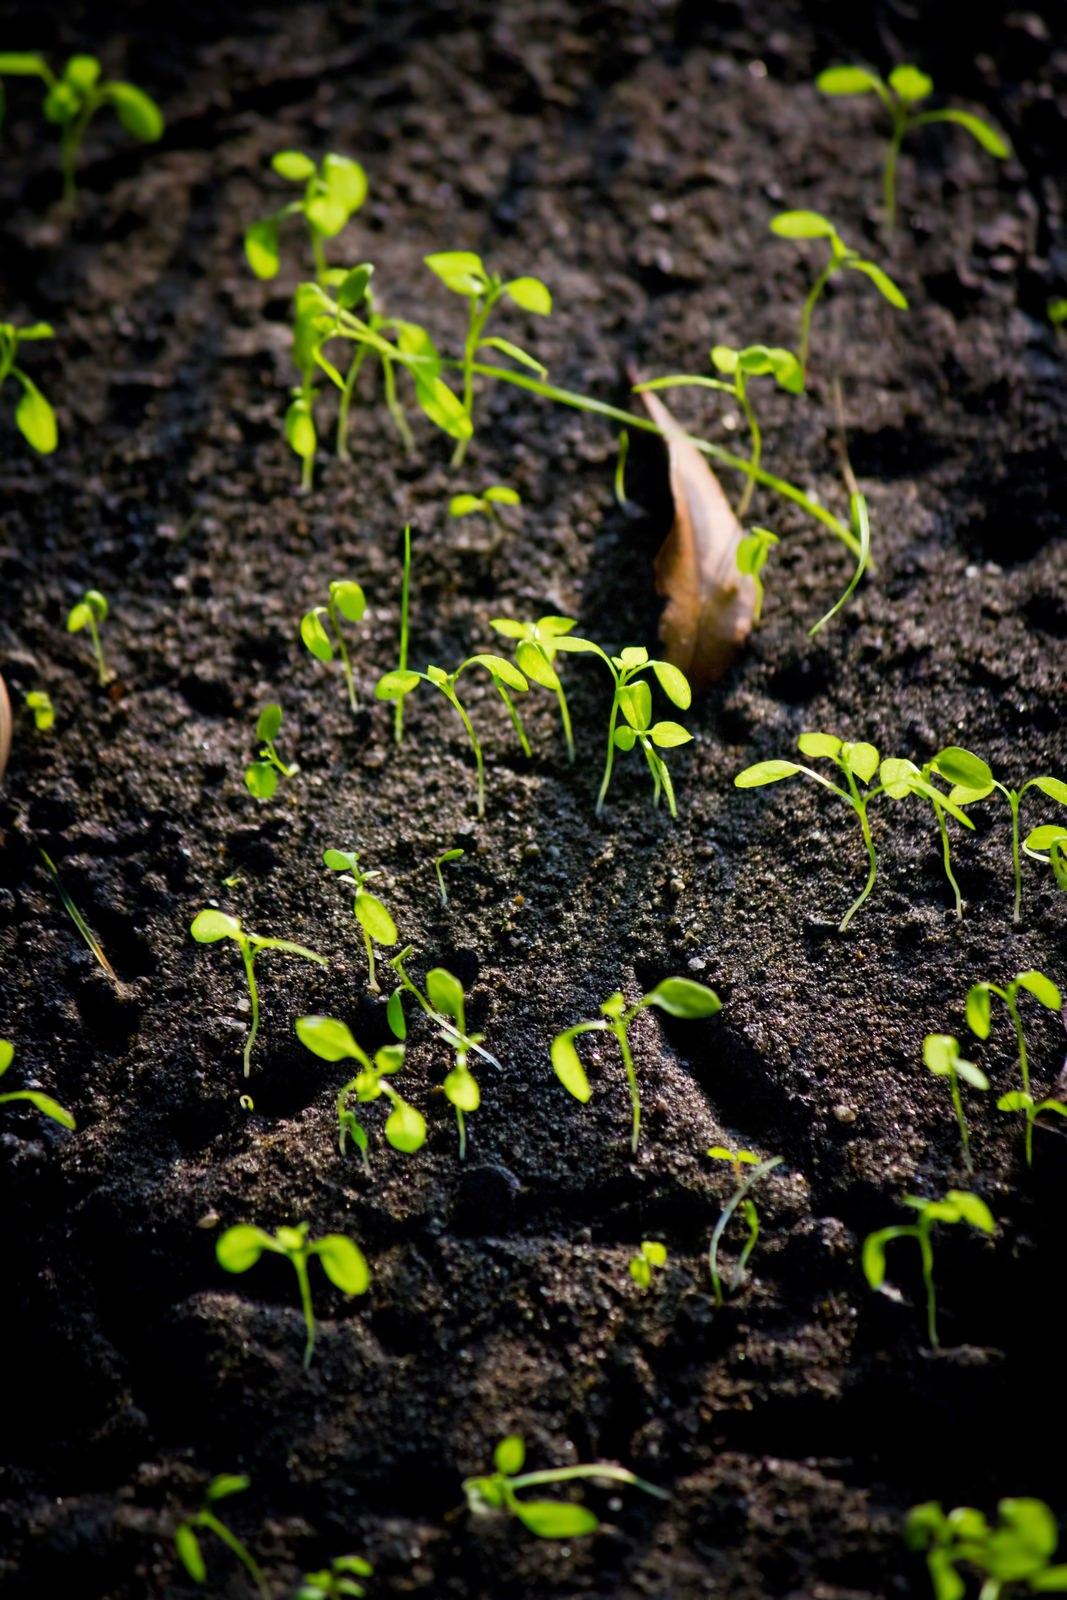 土から出てきた新芽